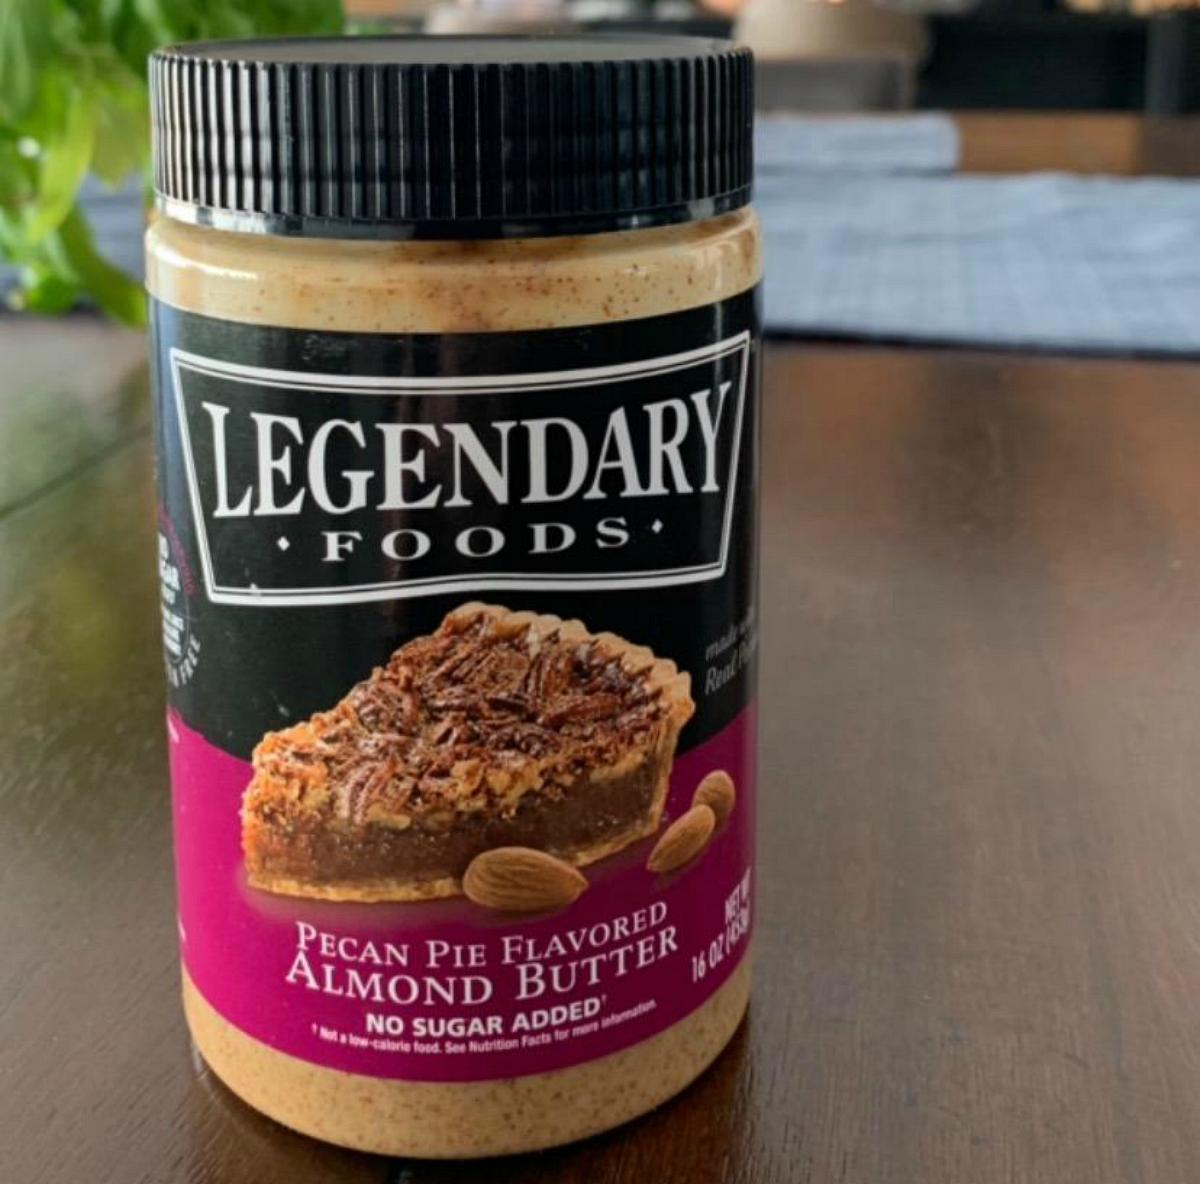 Legendary Foods Pecan Pie Flavored Almond Butter